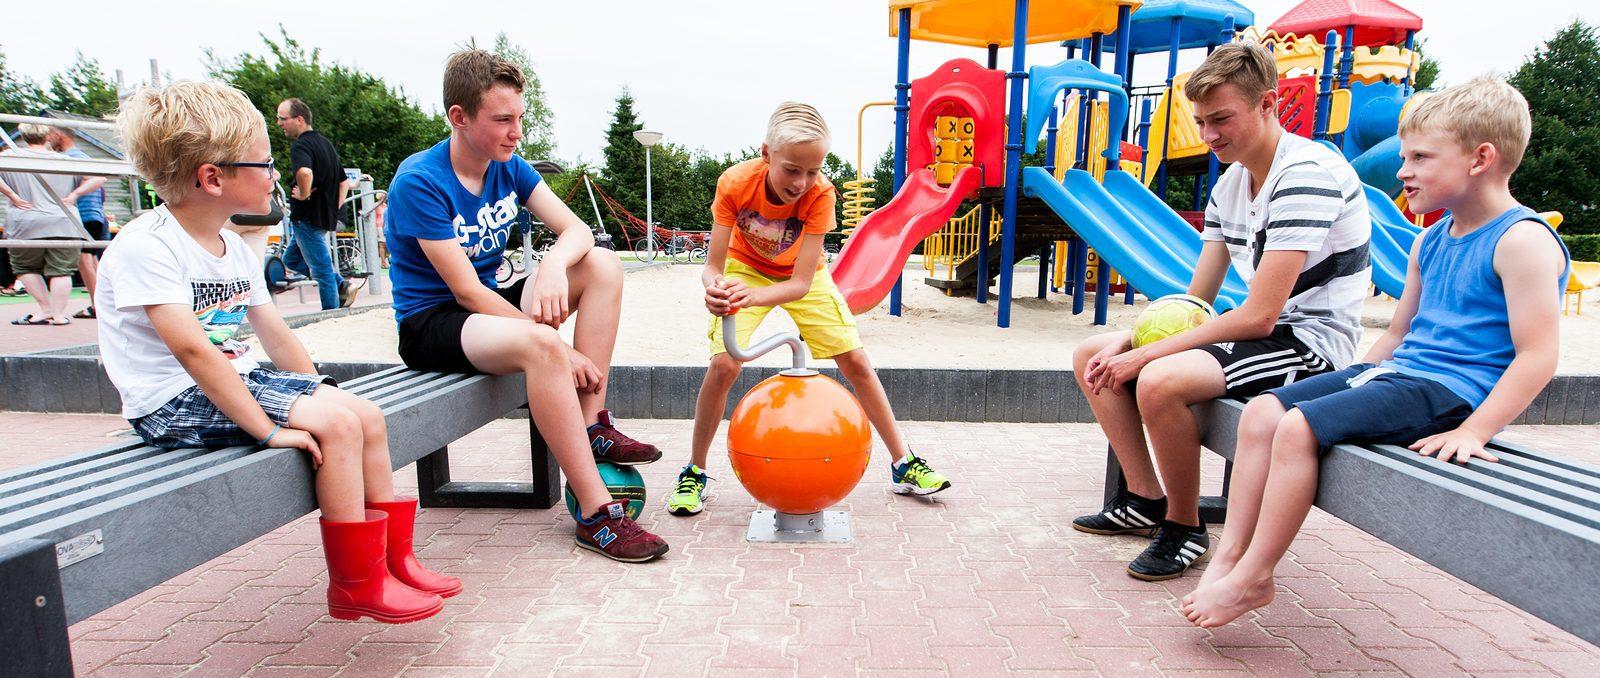 Spelen met de interatieve Musicball op de camping